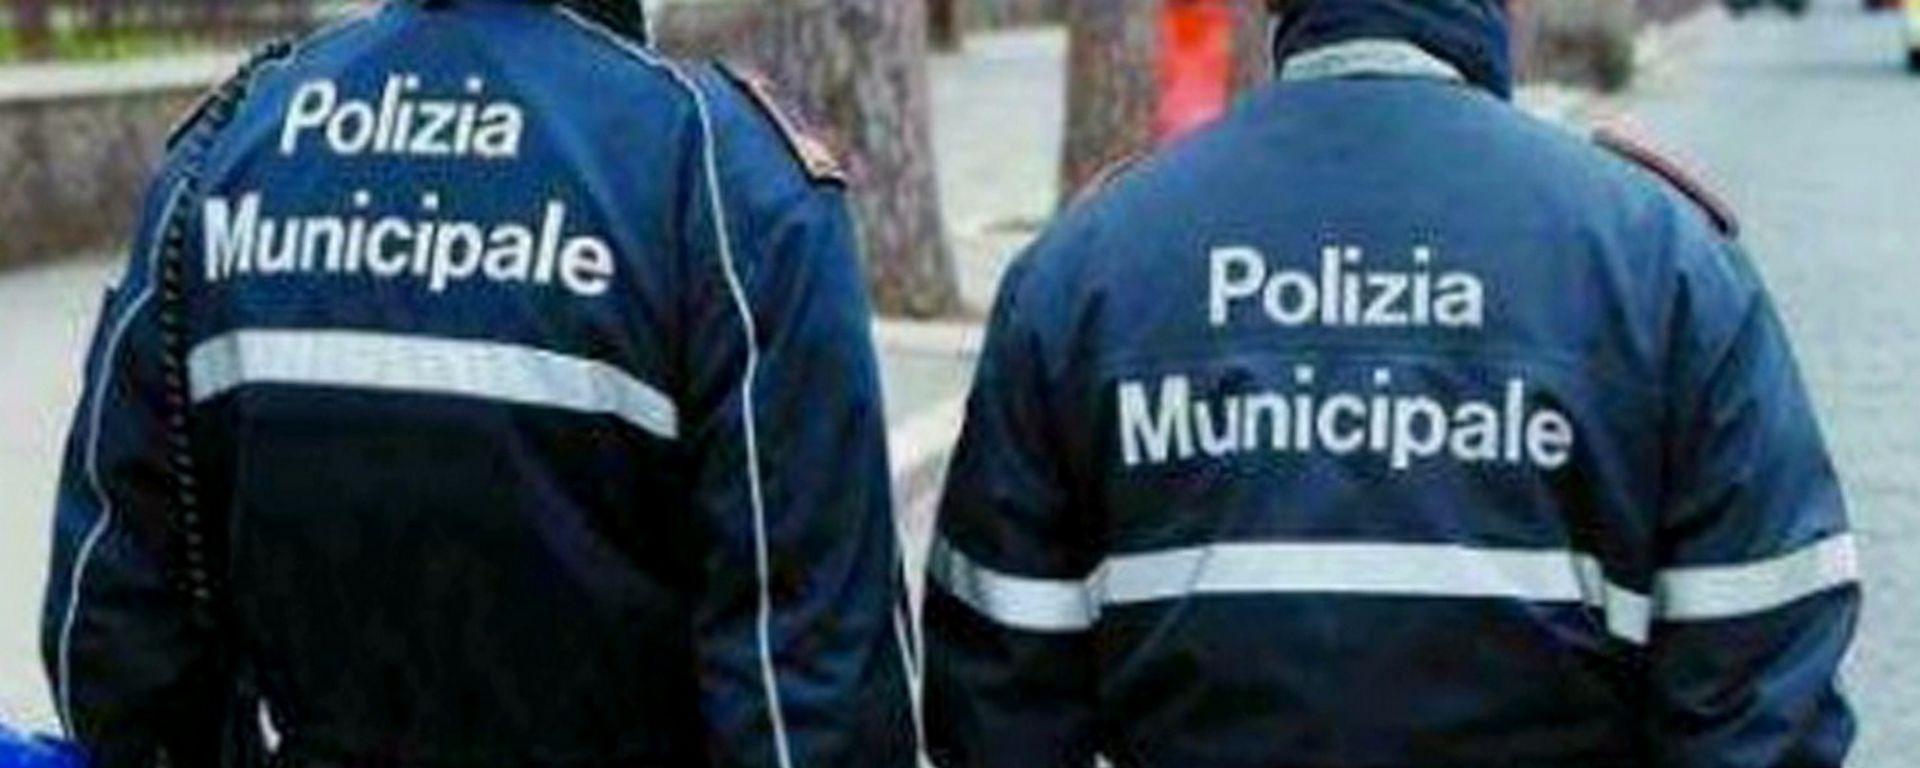 Polizia Municipale di Ravenna, in prima linea contro il cellulare alla guida